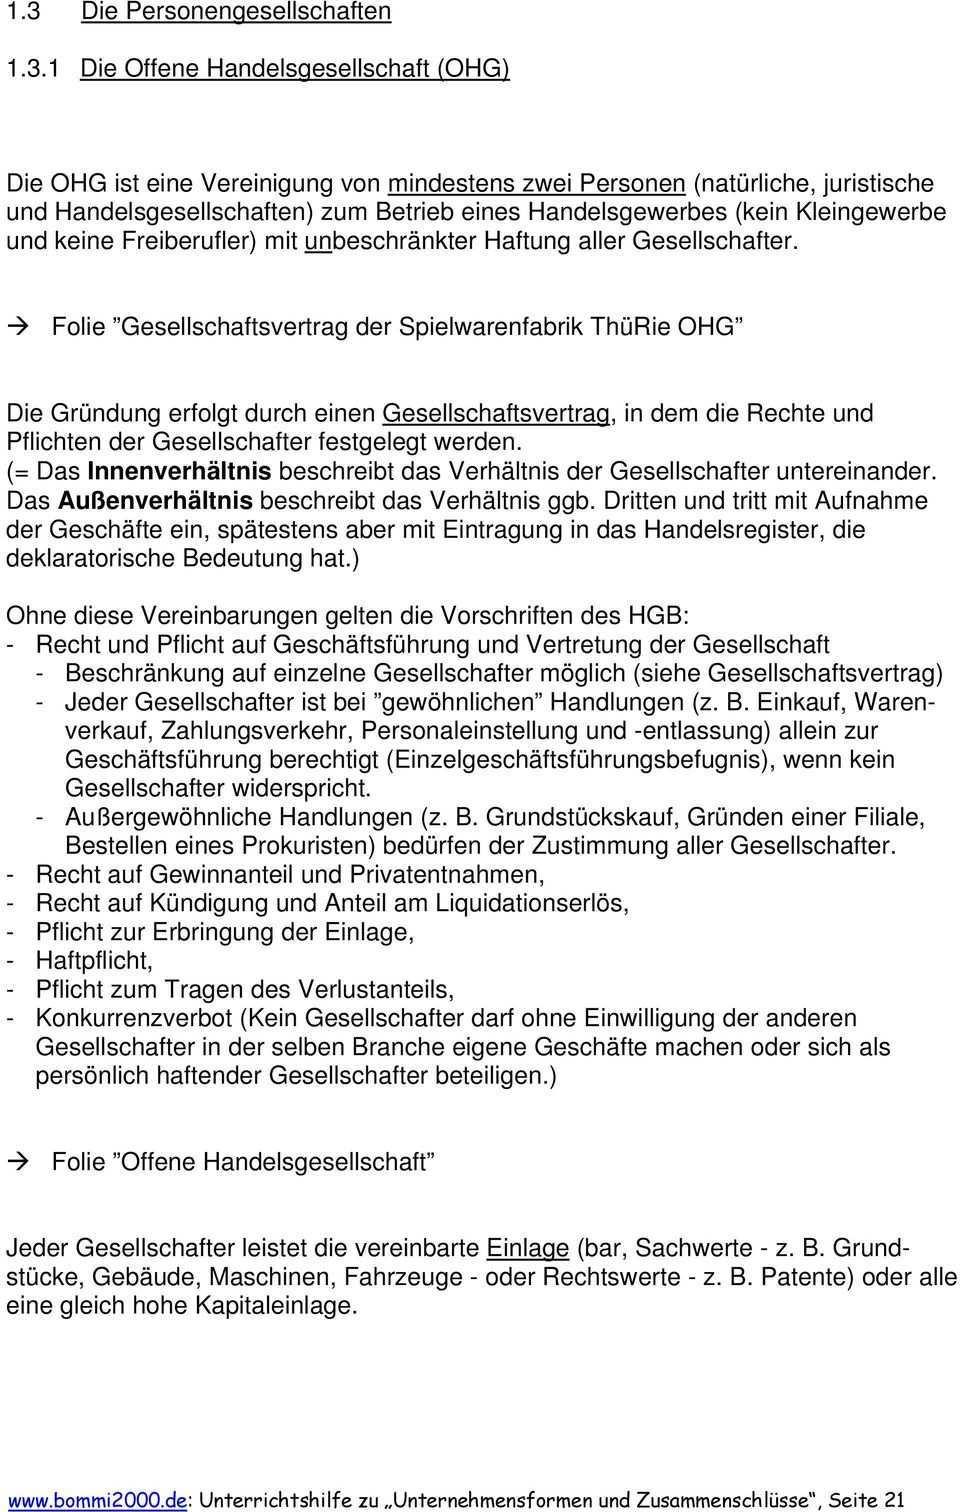 Folie Gesellschaftsvertrag Der Spielwarenfabrik Thurie Ohg Pdf Kostenfreier Download